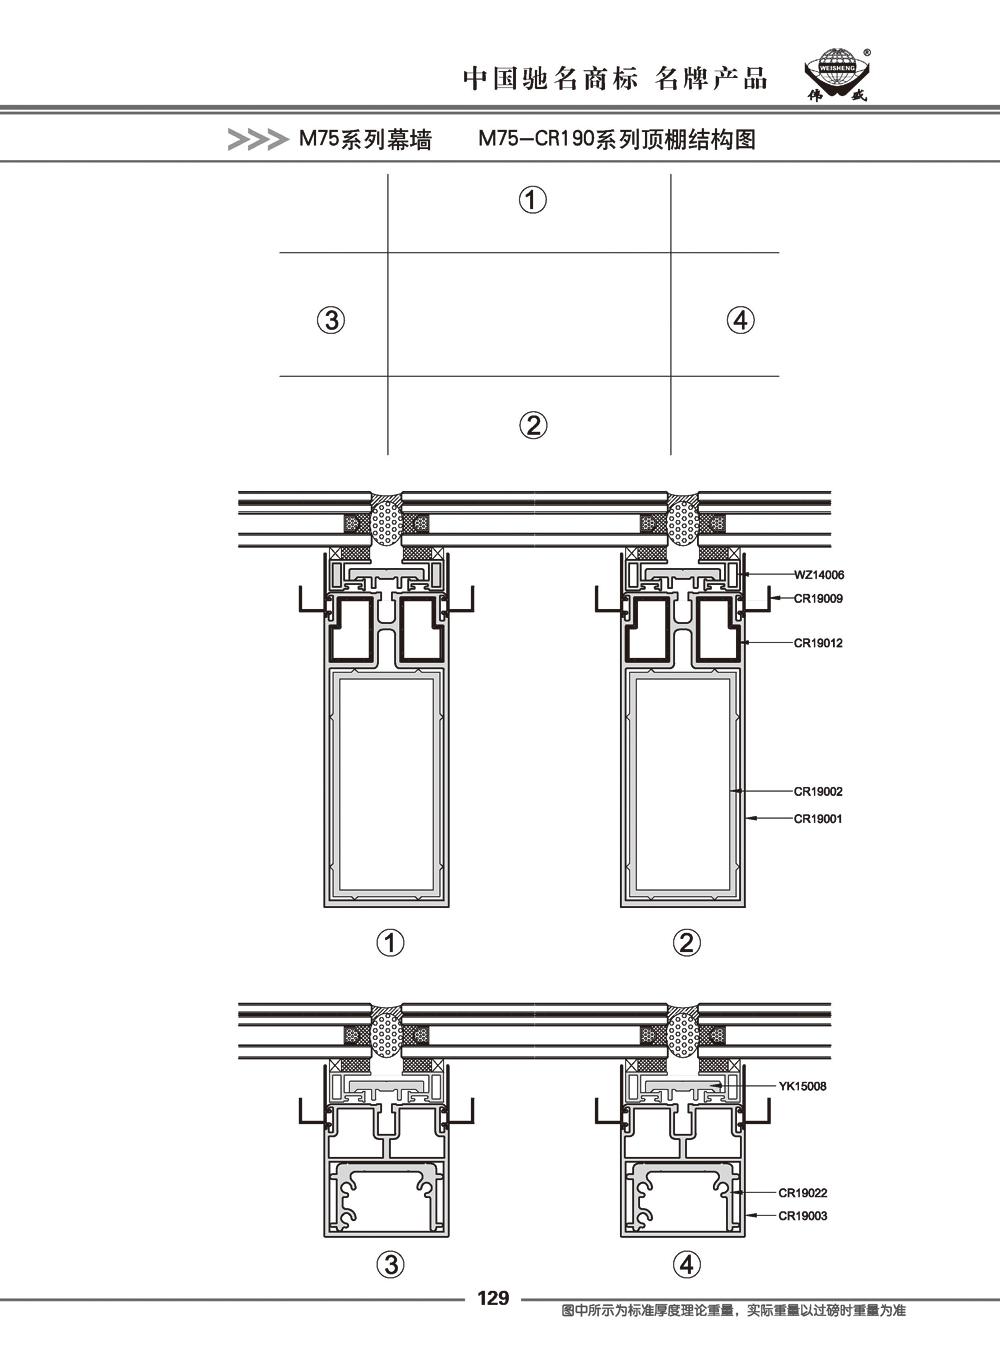 M75-CR190系列頂棚型材